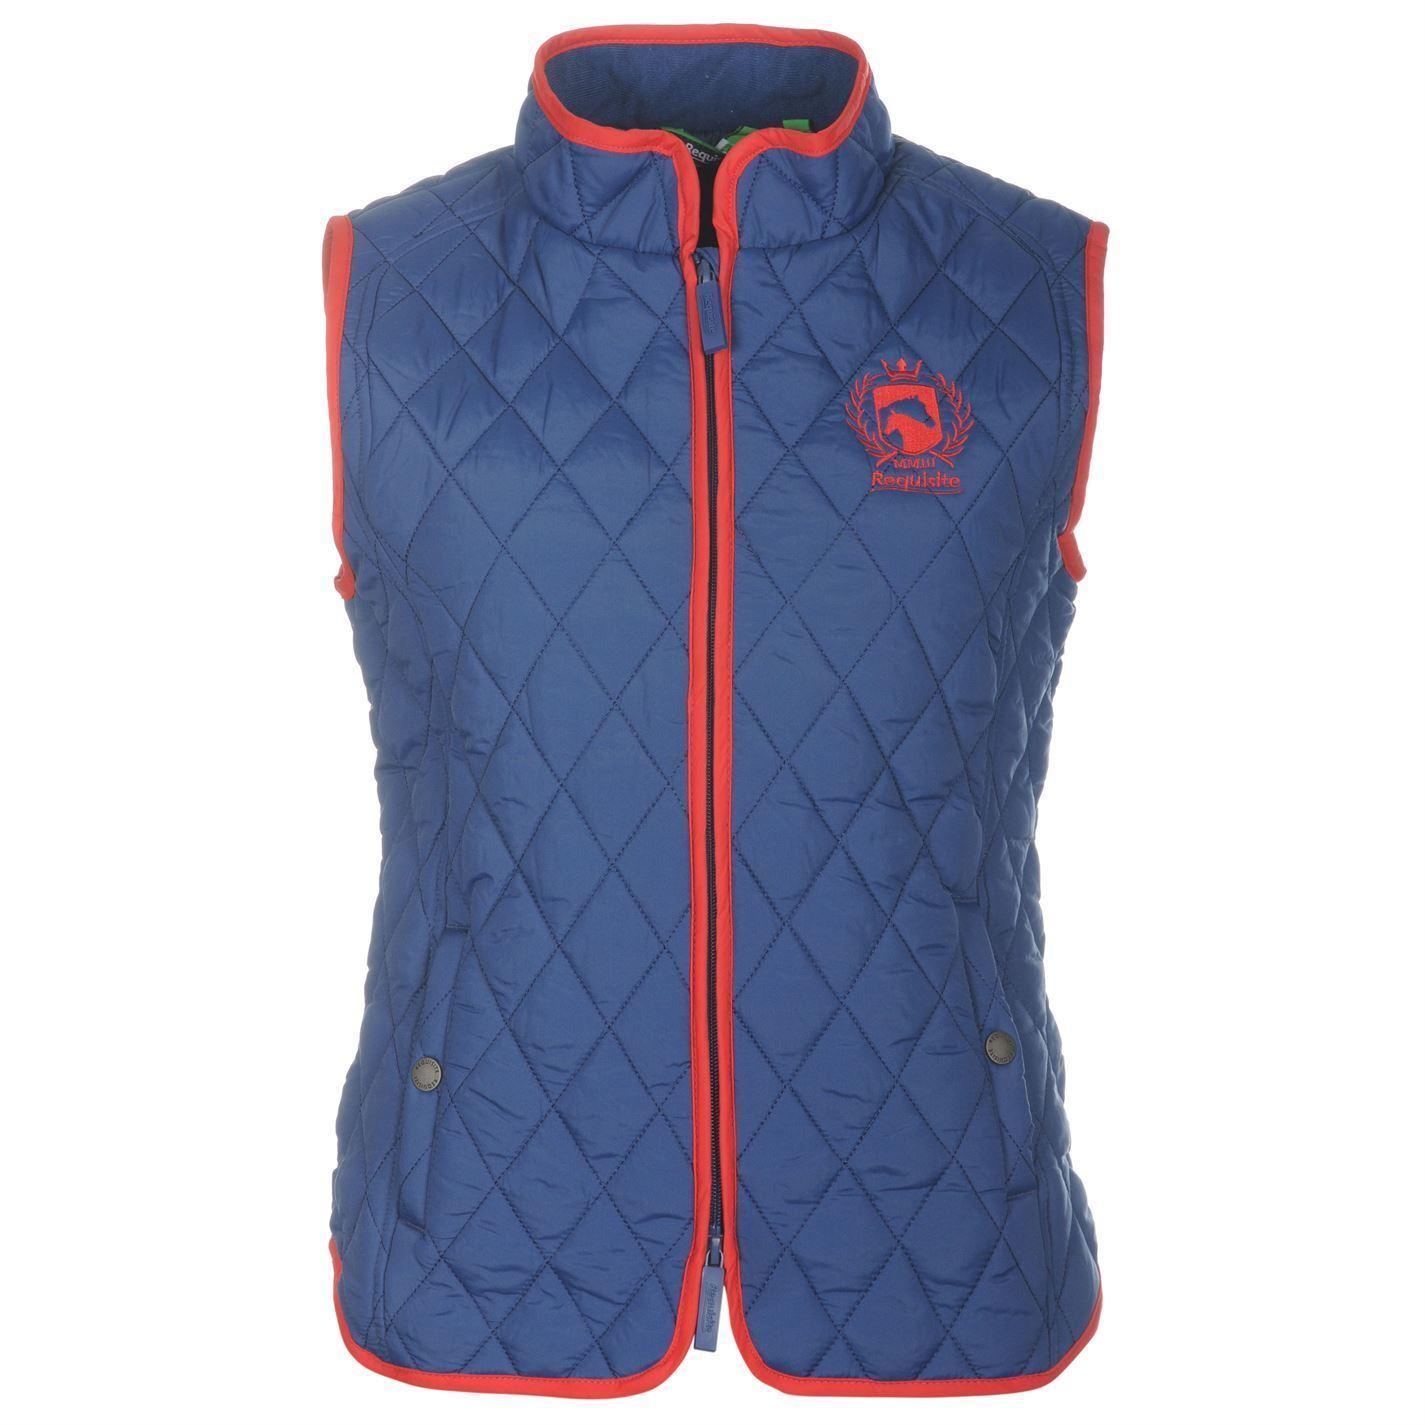 Requisite Reiten Weste DaSie Marineblau Reiter Jacke Weste Oberbekleidung